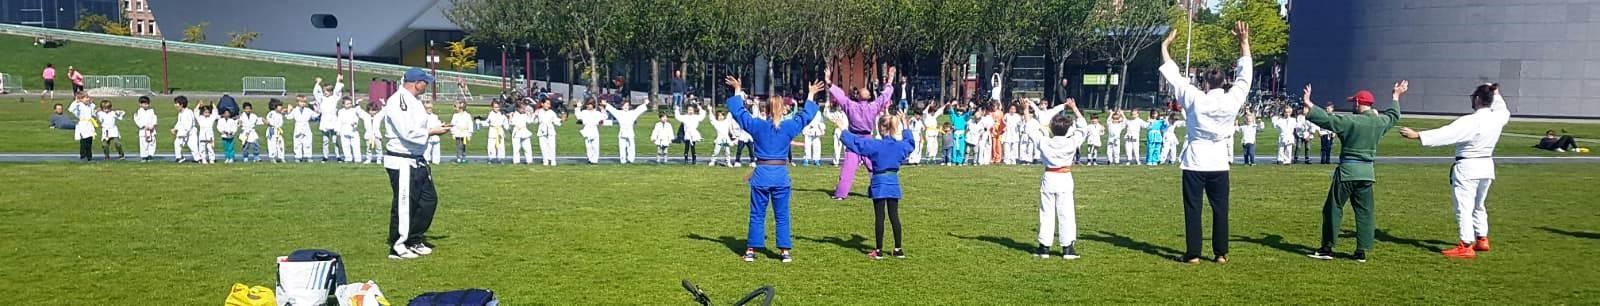 foto van judotraining op het gras van het Museumplein in Amsterdam